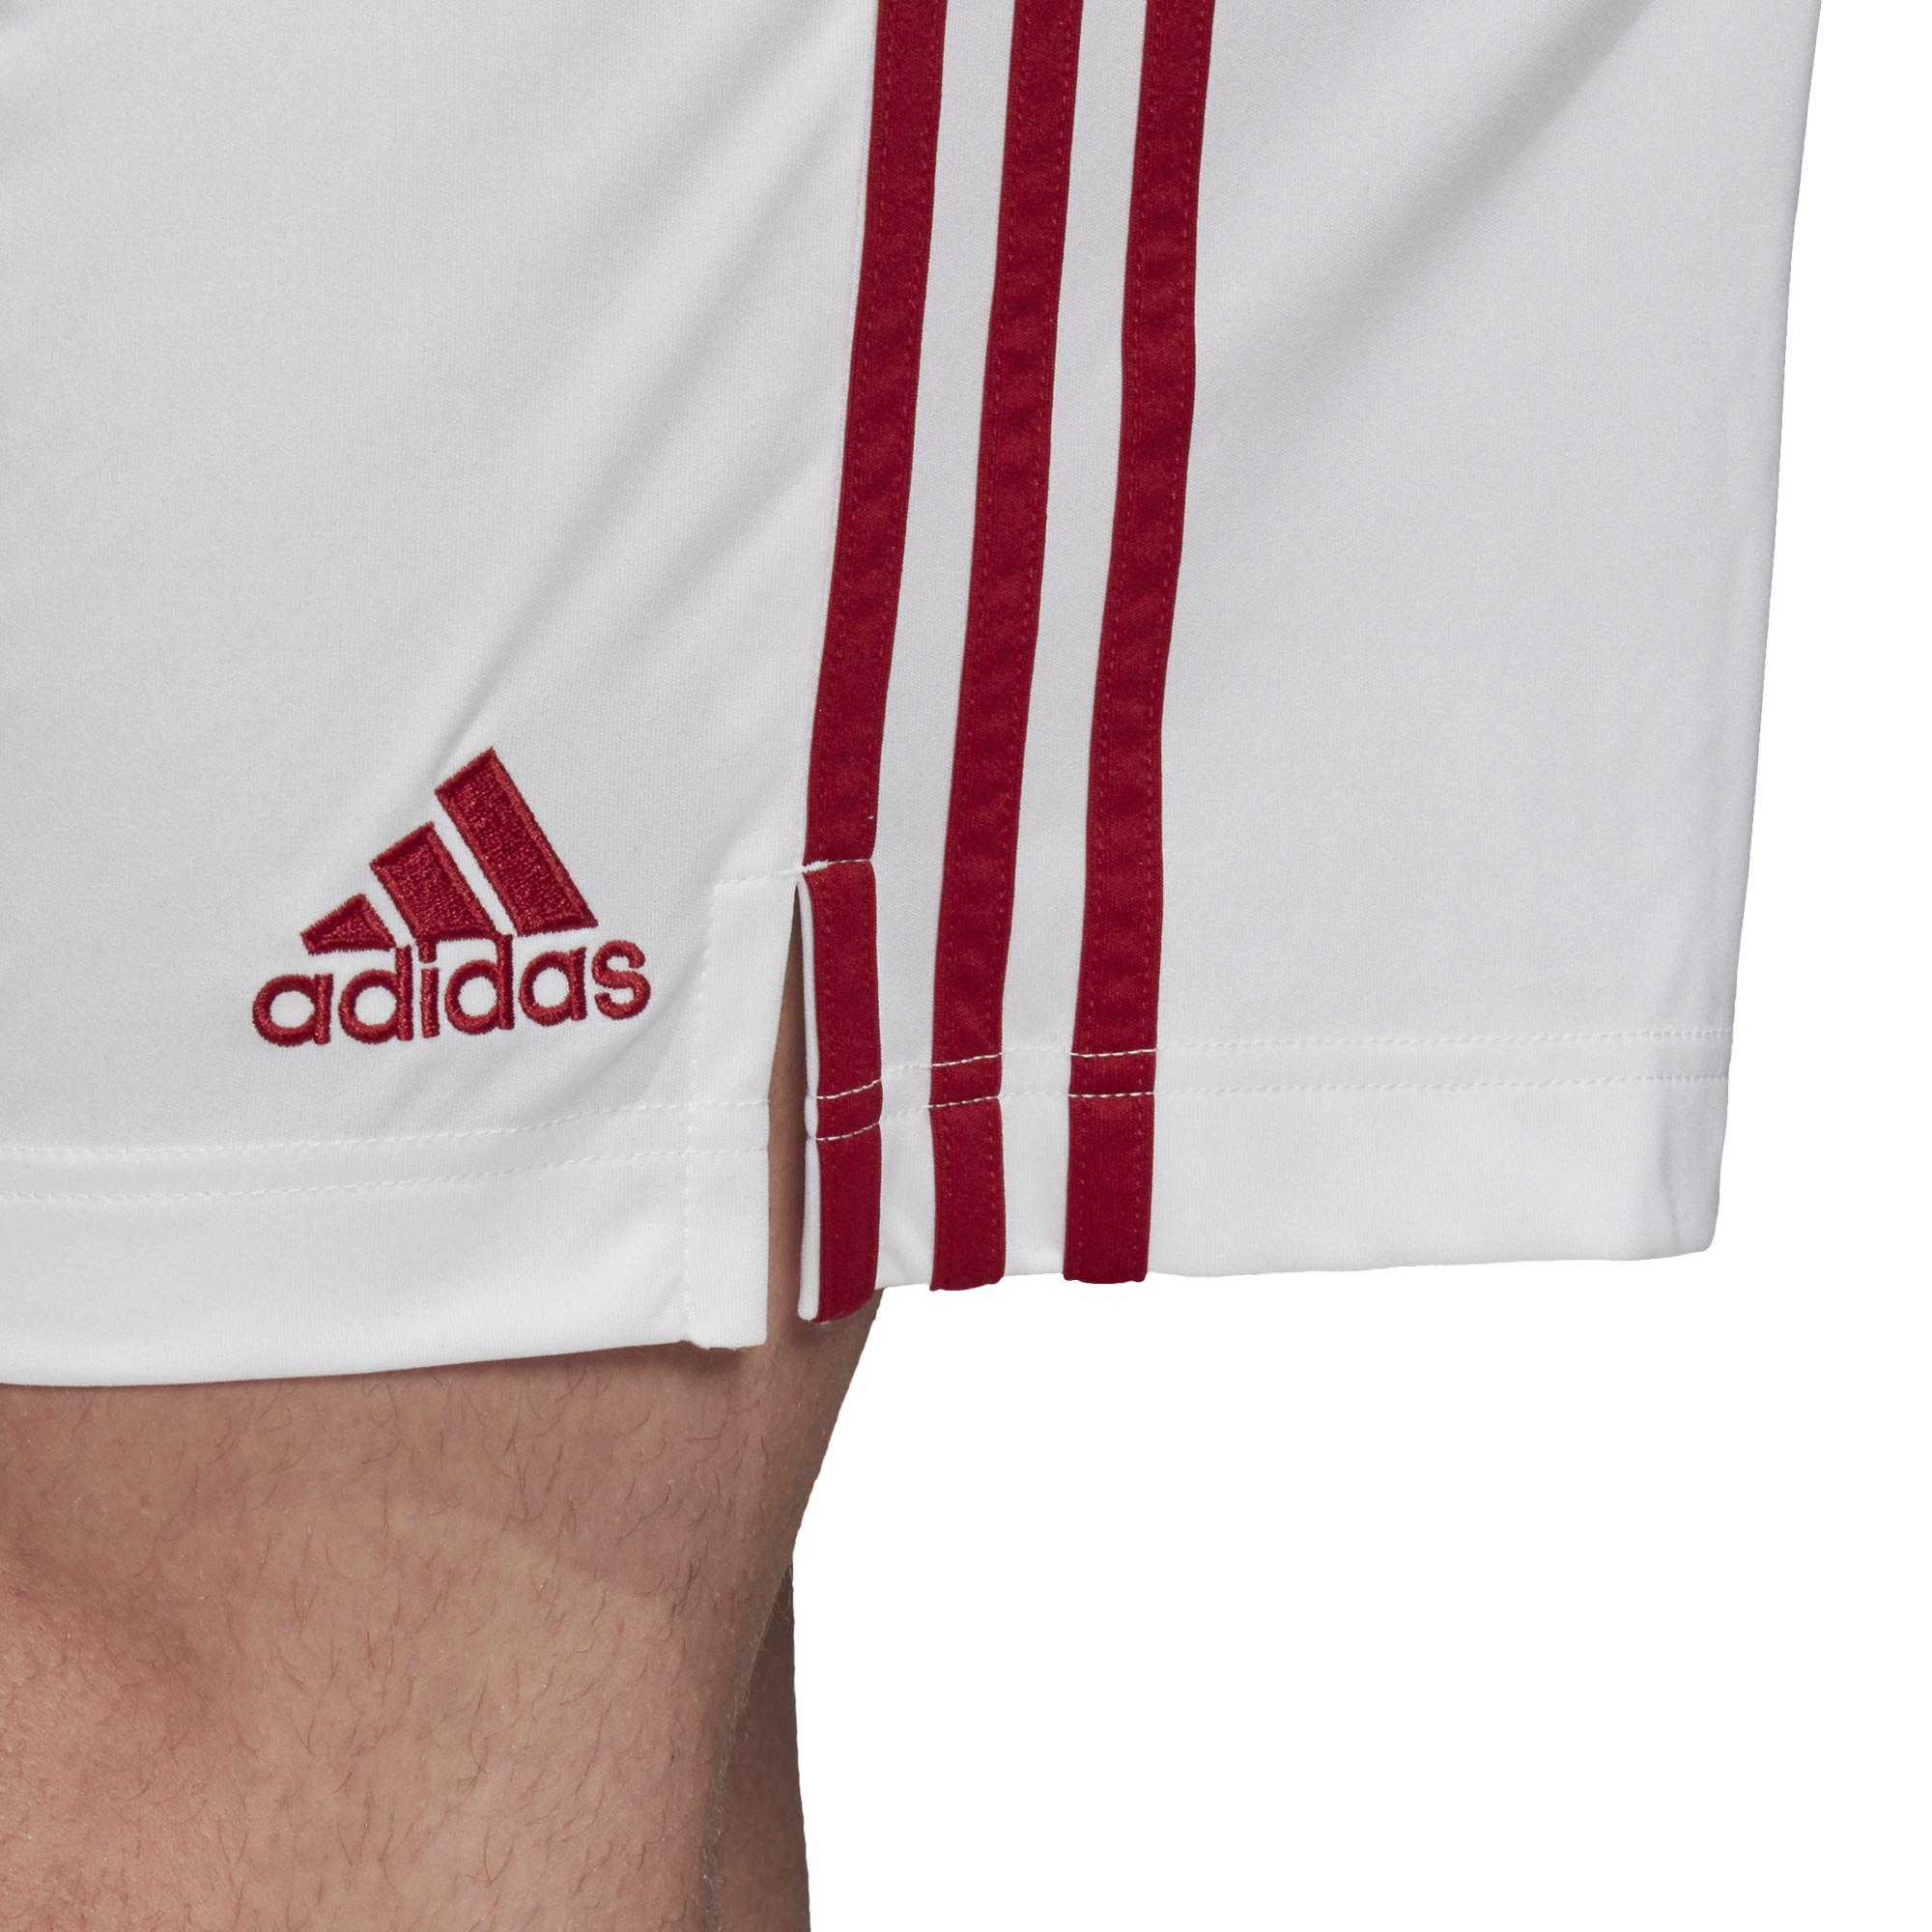 Adidas ADIDAS Arsenal Home Short '20-'21